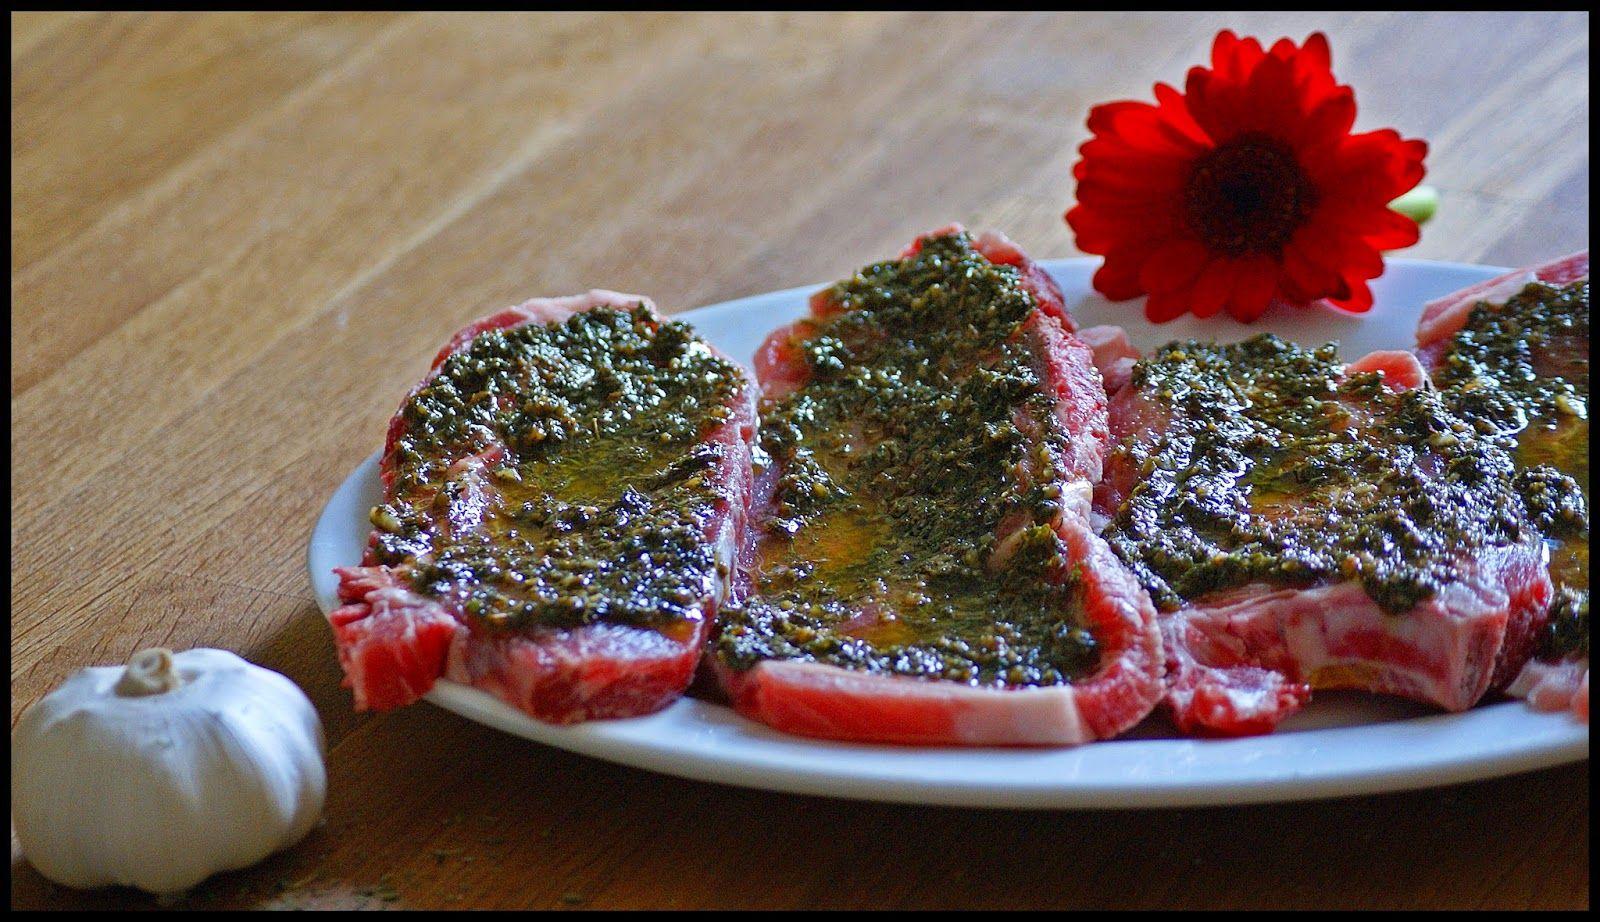 Jules Kitchen Grillmarinade Nach Art Des Hauses Grillmarinade Essen Und Trinken Essen